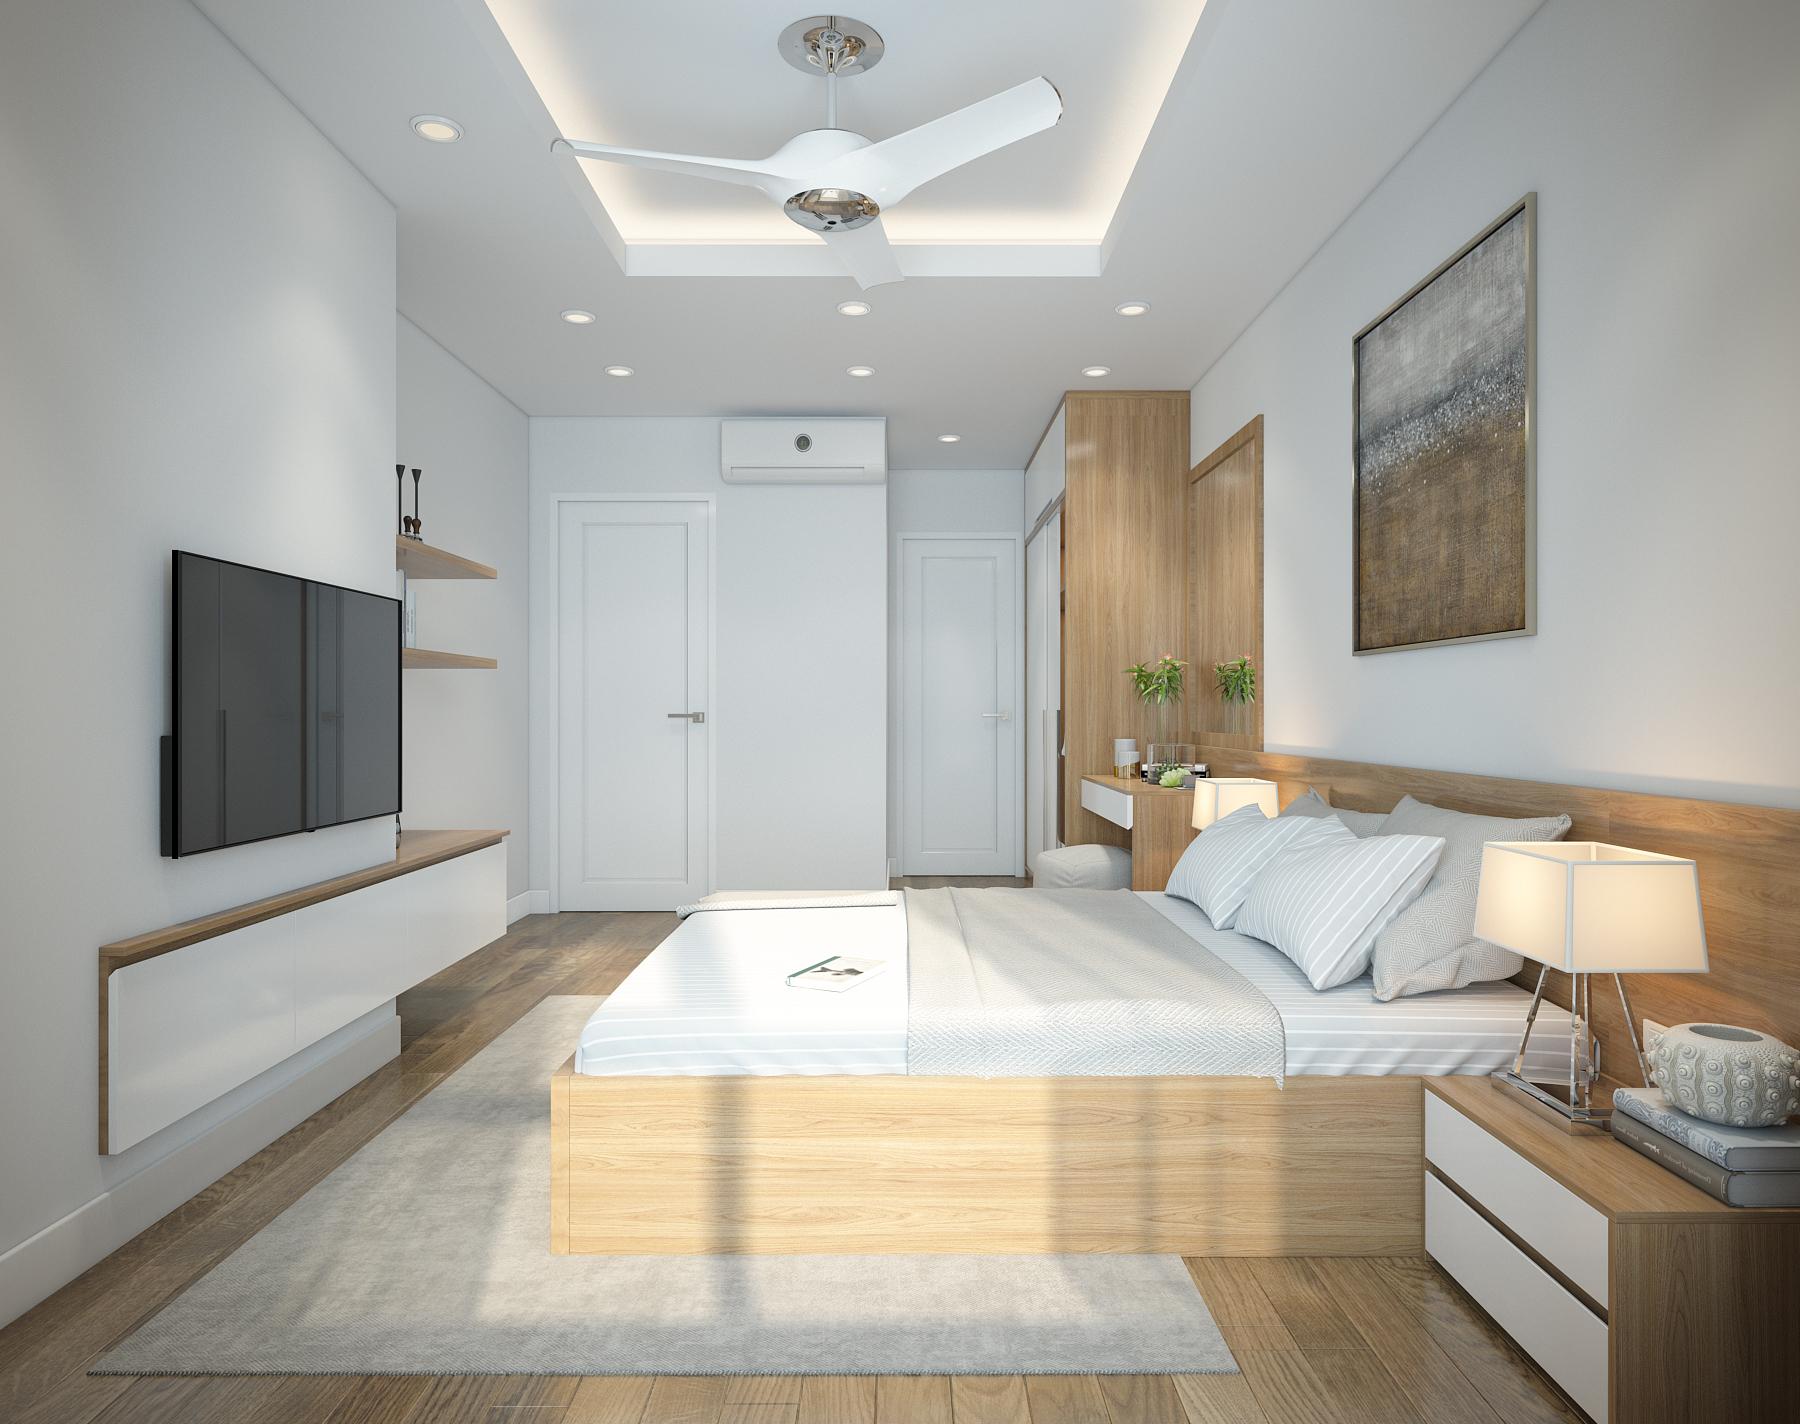 thiết kế nội thất chung cư tại Hà Nội Chung Cư An Bình City 20 1538039765